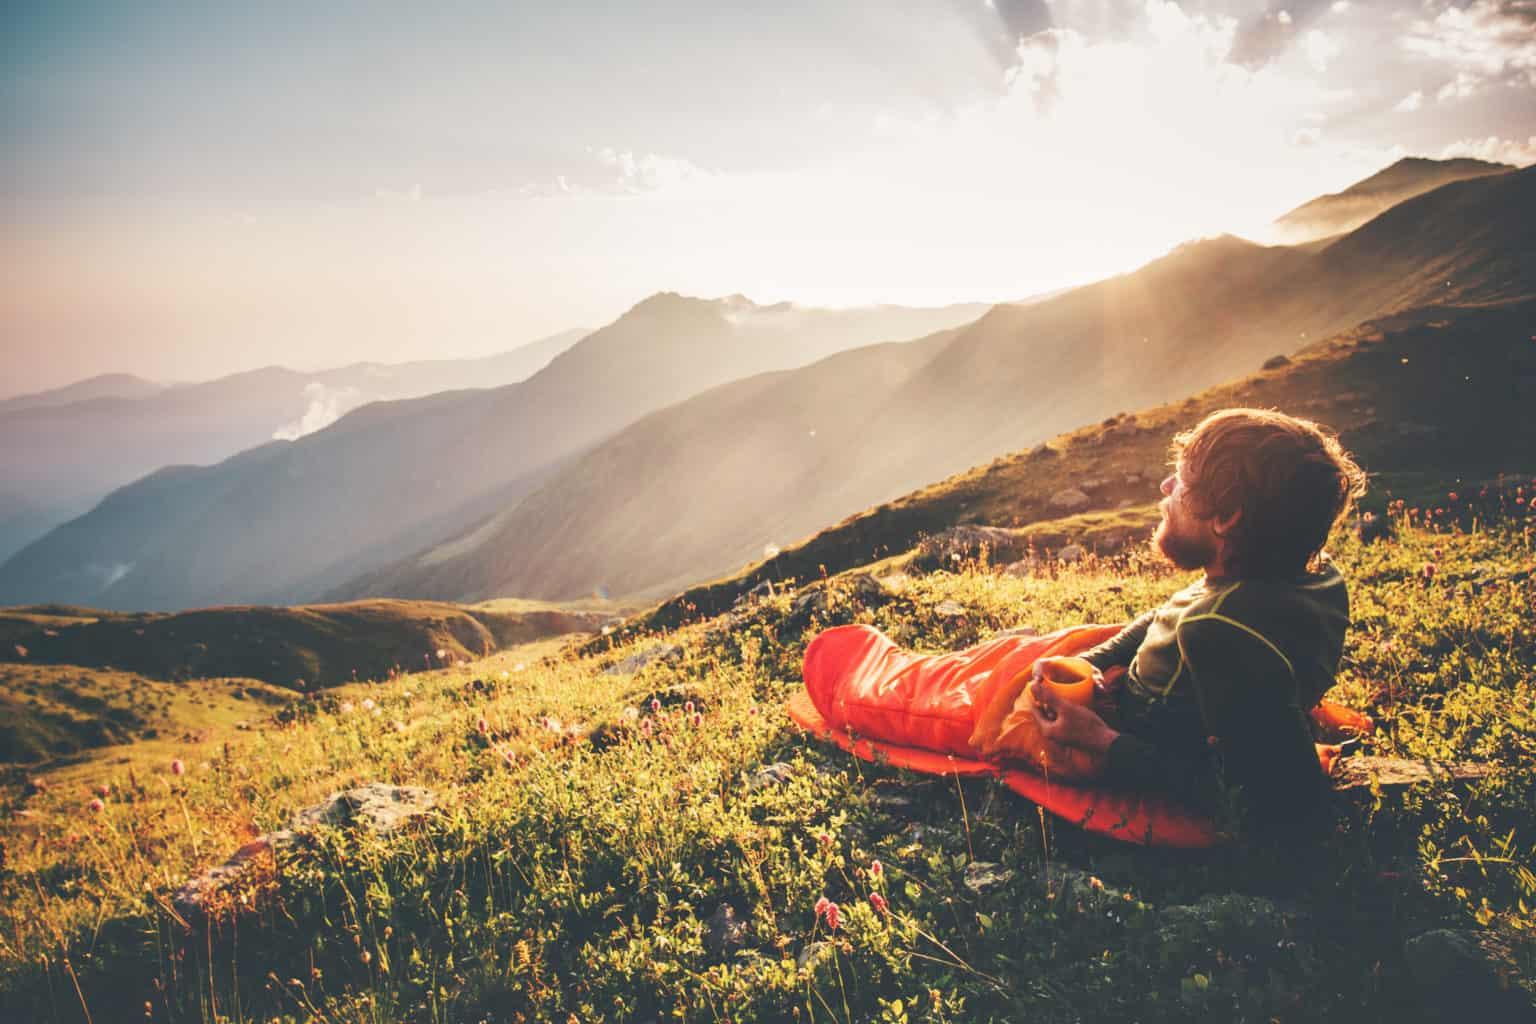 Man relaxing in sleeping bag